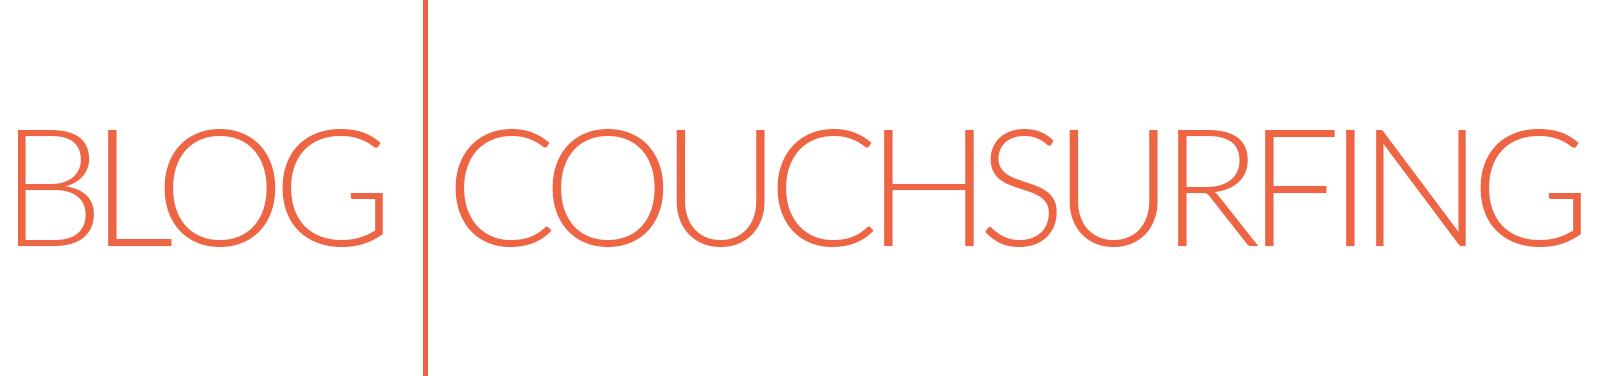 Couchsurfing Blog